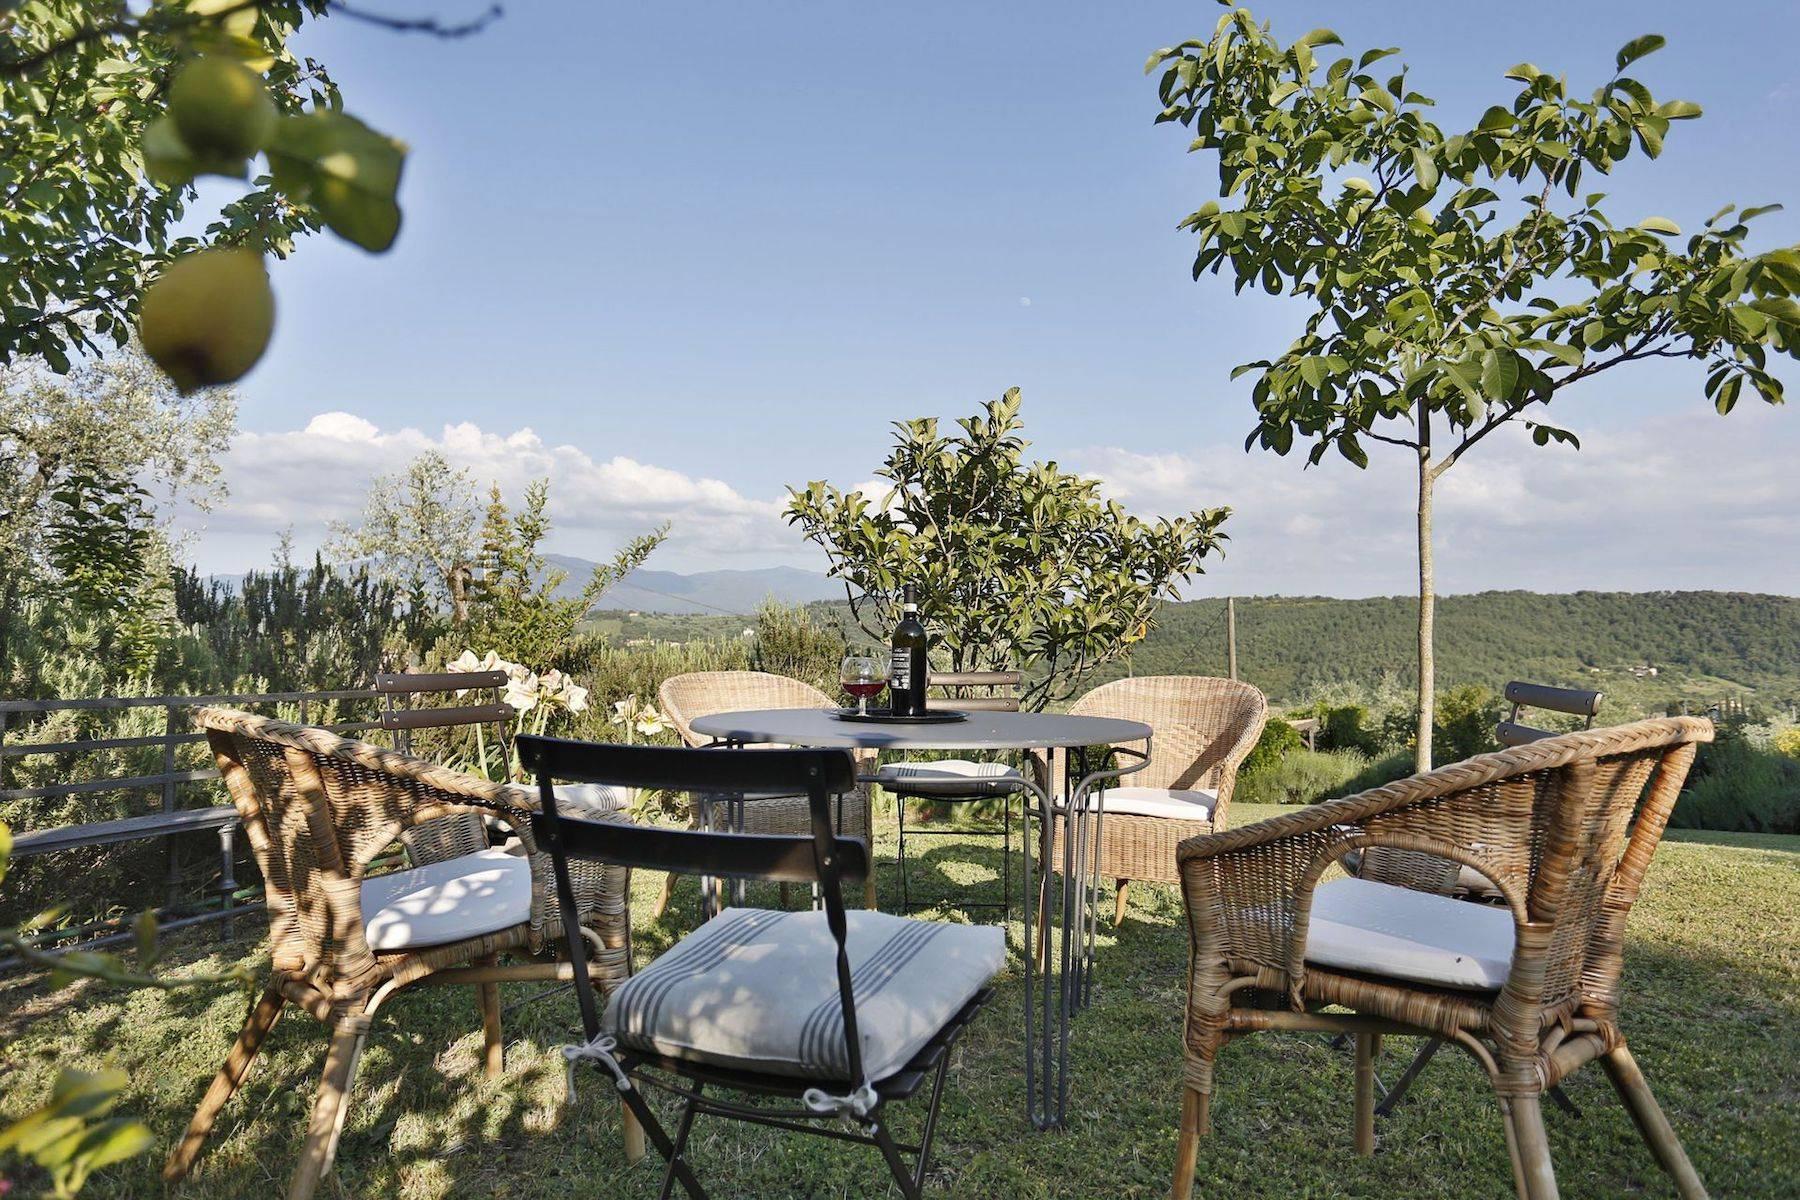 Villa in Vendita a Rignano Sull'Arno: 5 locali, 550 mq - Foto 28